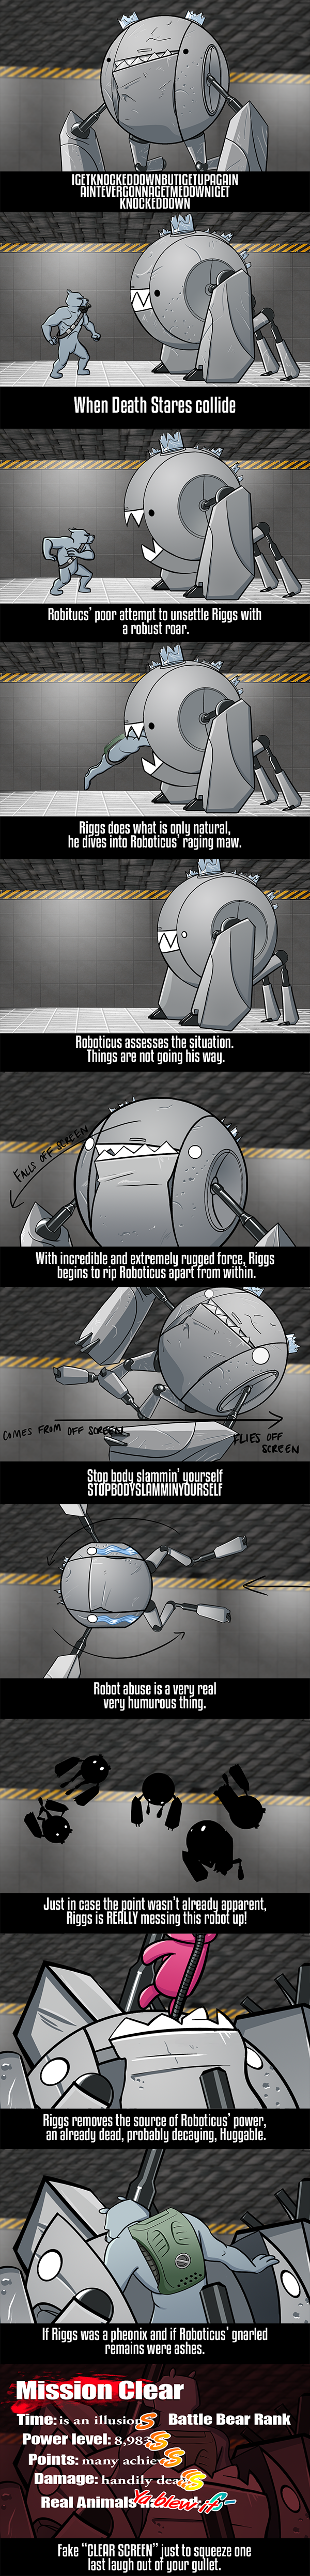 Roboticus Comic 2